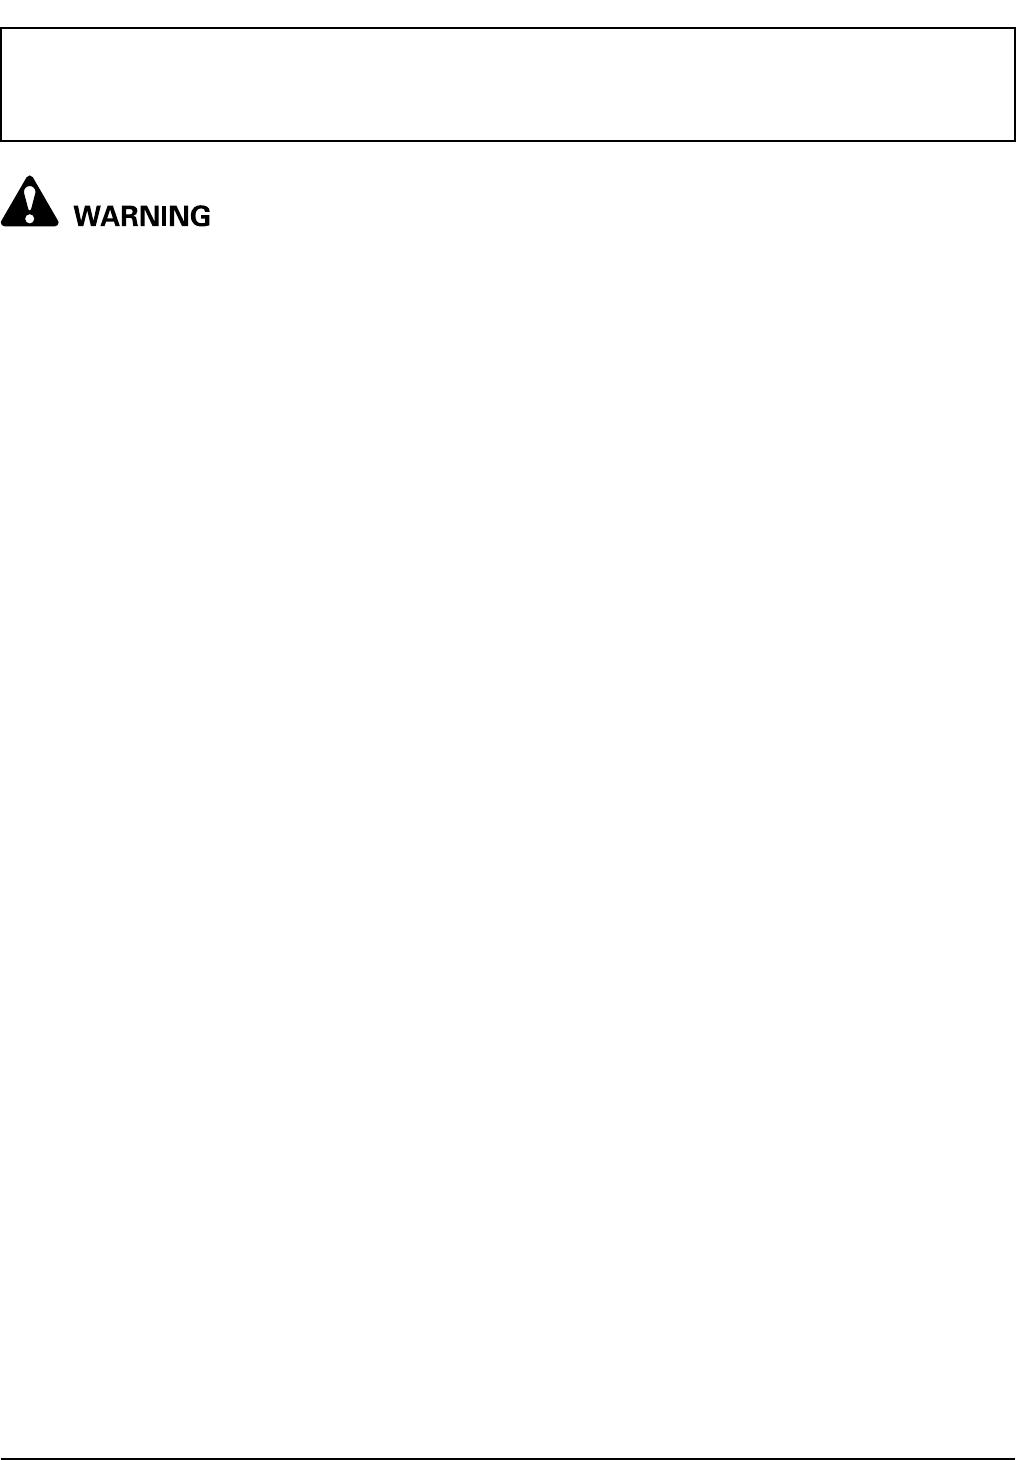 Superb Handleiding Kubota T1880 Pagina 68 Van 78 English Wiring Cloud Hisonuggs Outletorg